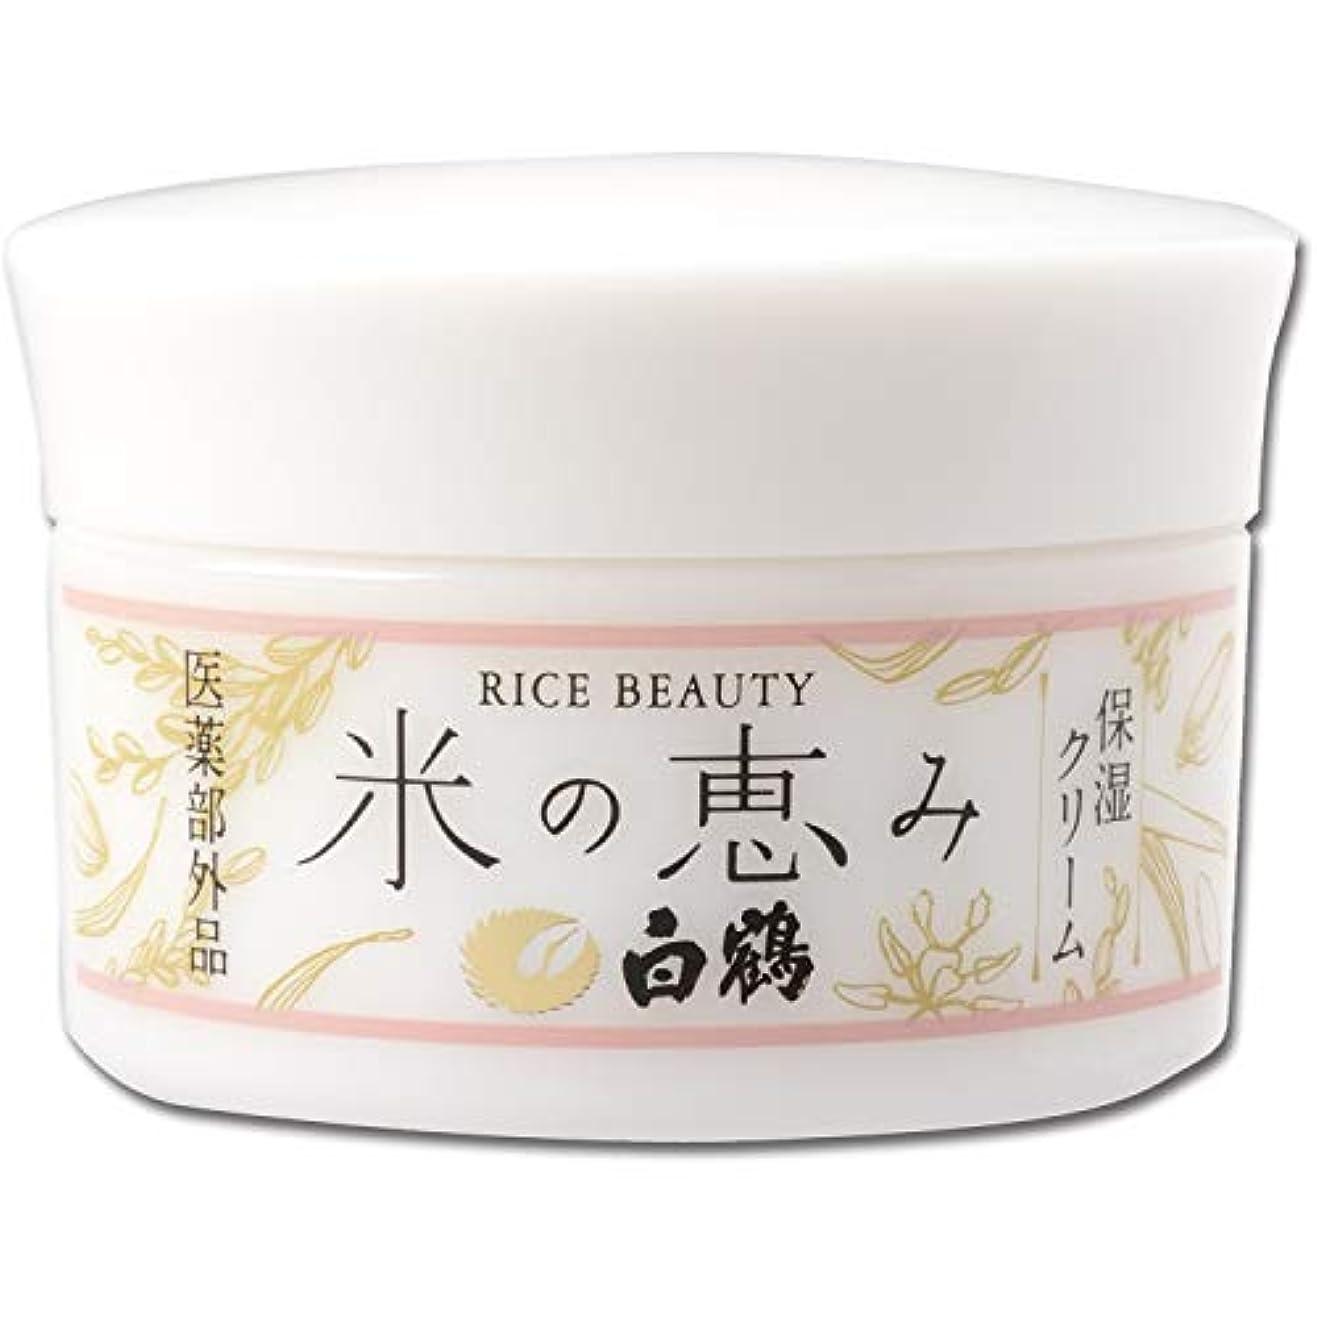 成り立つ本能素晴らしい白鶴 ライスビューティー 米の恵み 保湿クリーム 48g (医薬部外品)